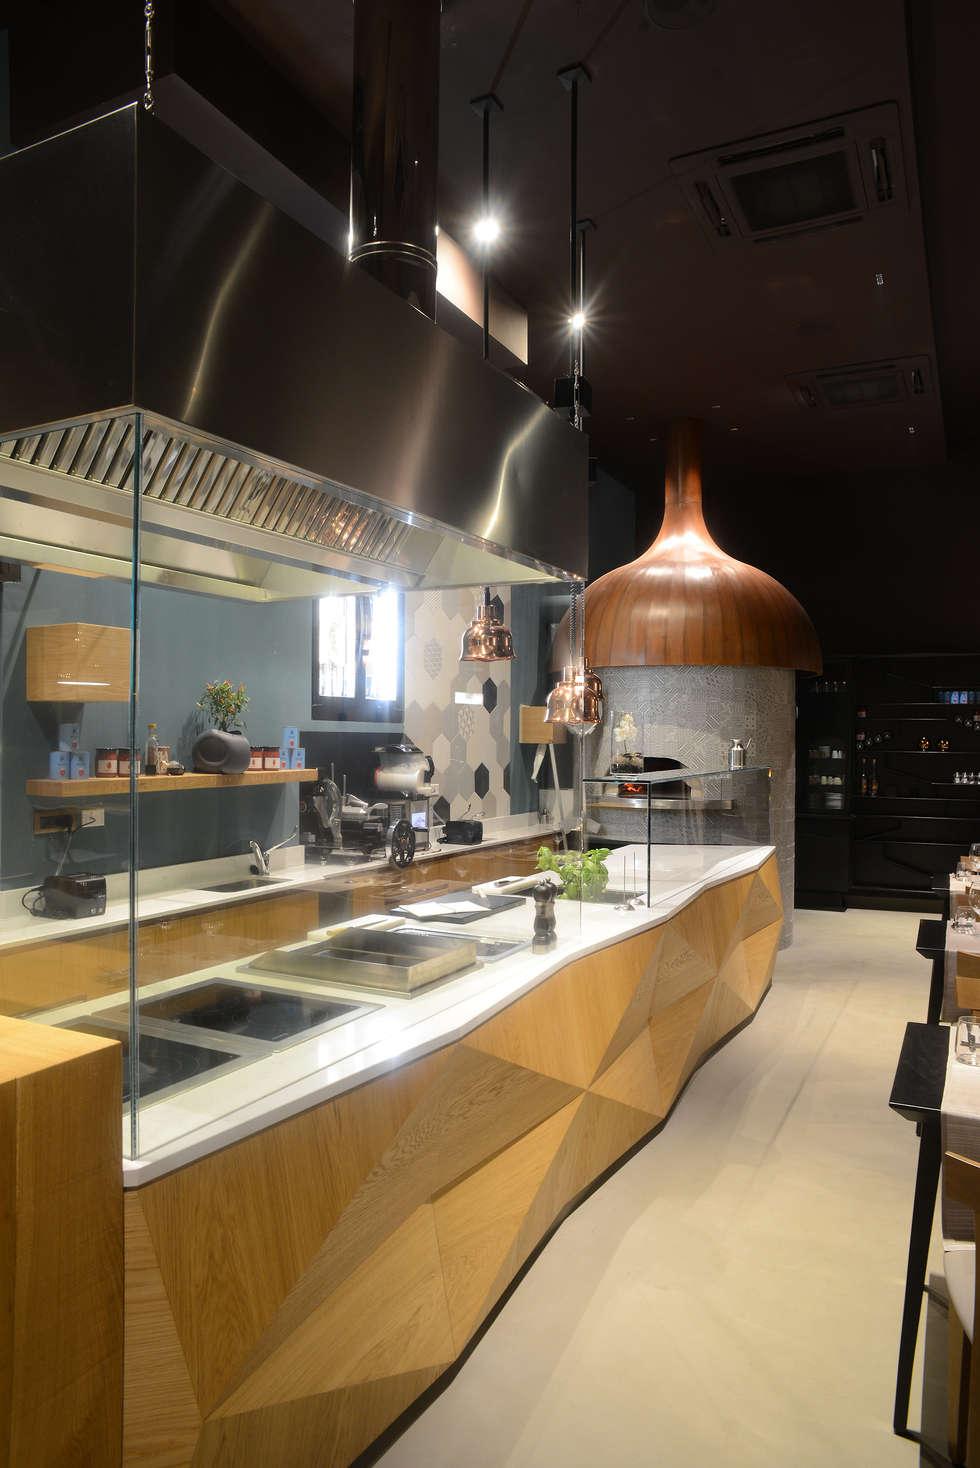 Bancone e preparazione a vista: Negozi & Locali commerciali in stile  di Studio Atelier di Silvana Barbato